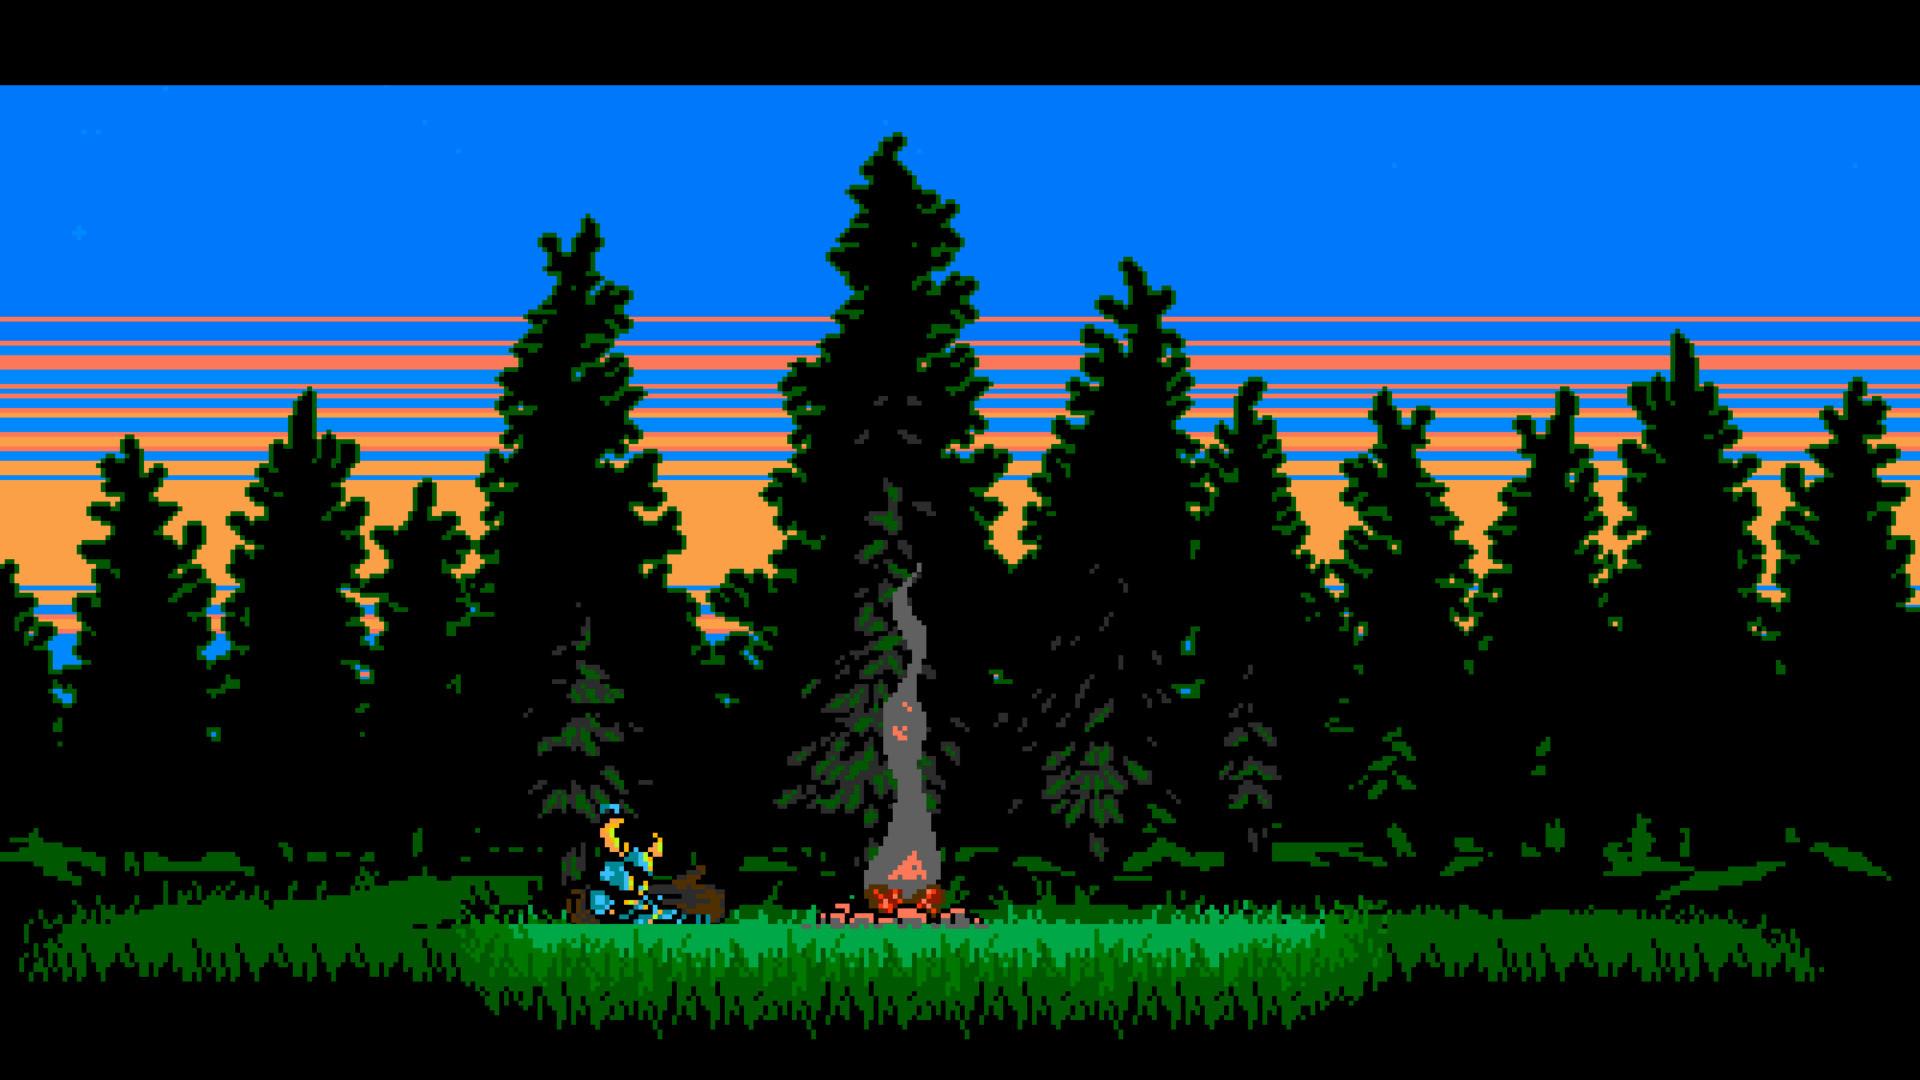 Res: 1920x1080, Shovel Knight, Video Games, Pixel Art, Retro Games, 8 bit, 16